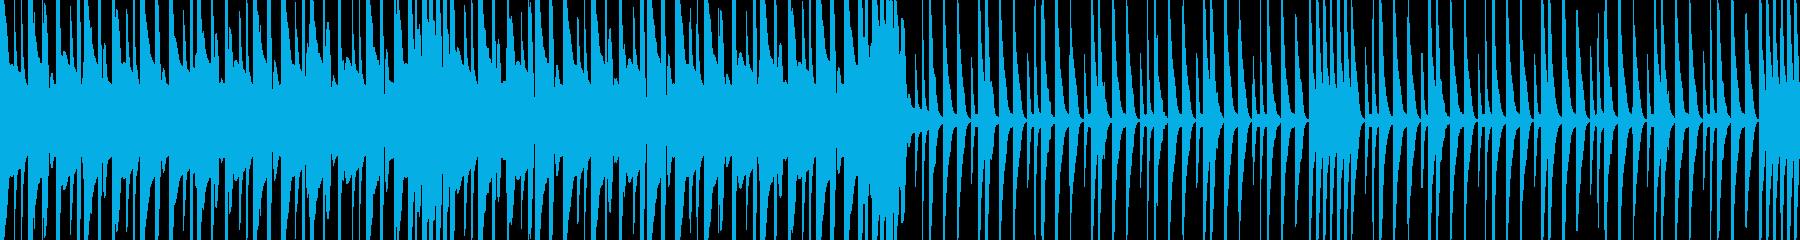 【Loop】Acid beatの再生済みの波形